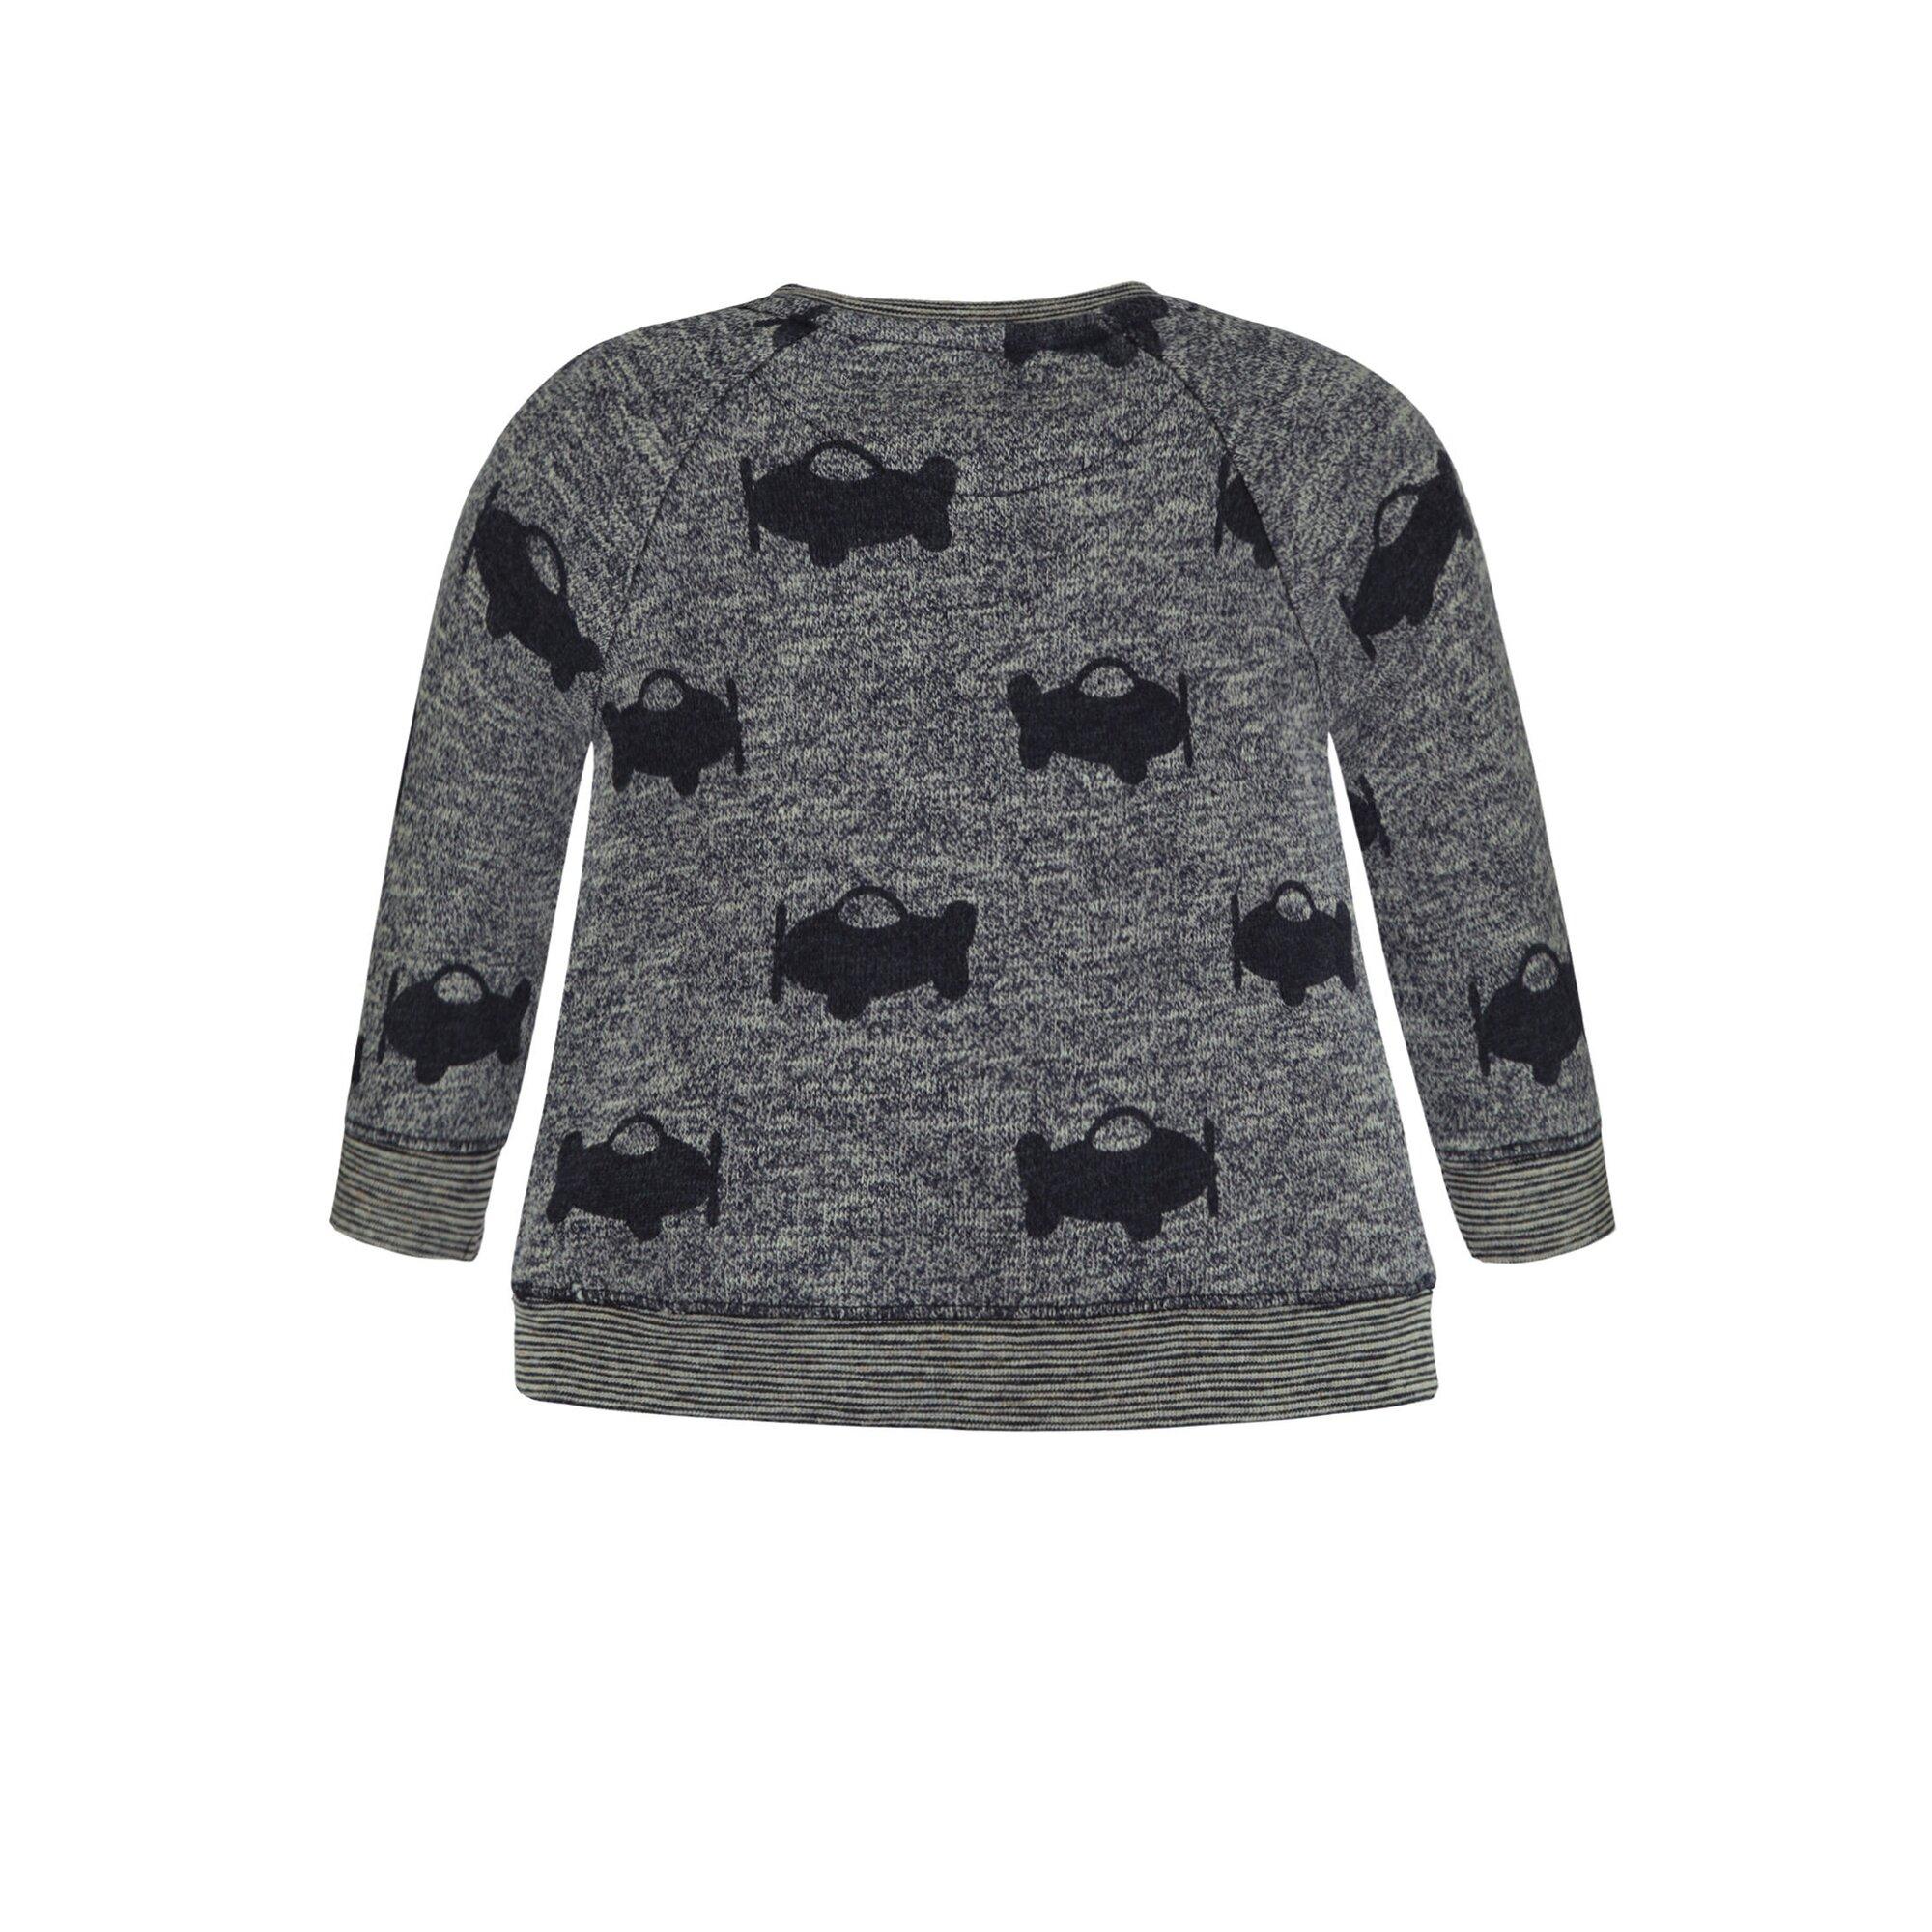 bellybutton-sweatshirt-mit-flugzeug-print